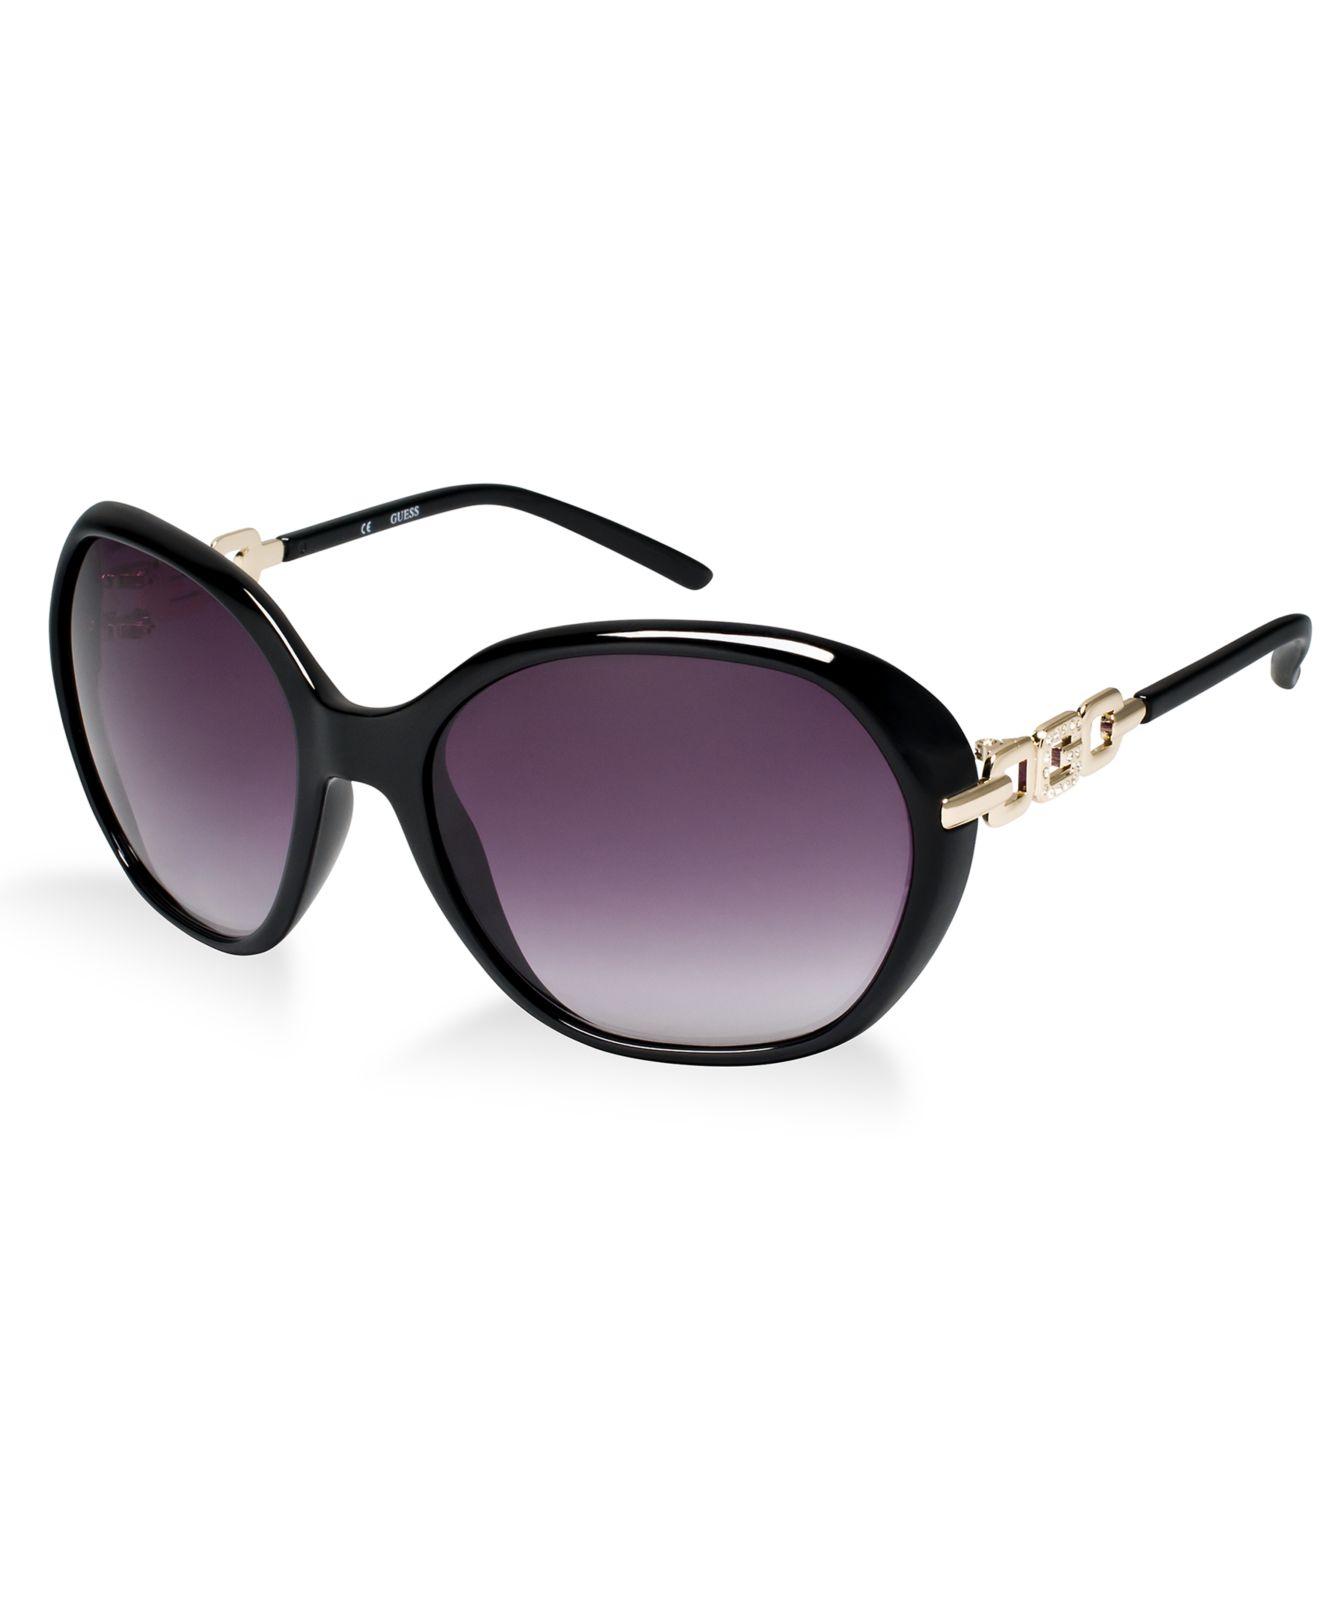 Guess Sunglasse  guess sunglasses gu 7290 in black lyst